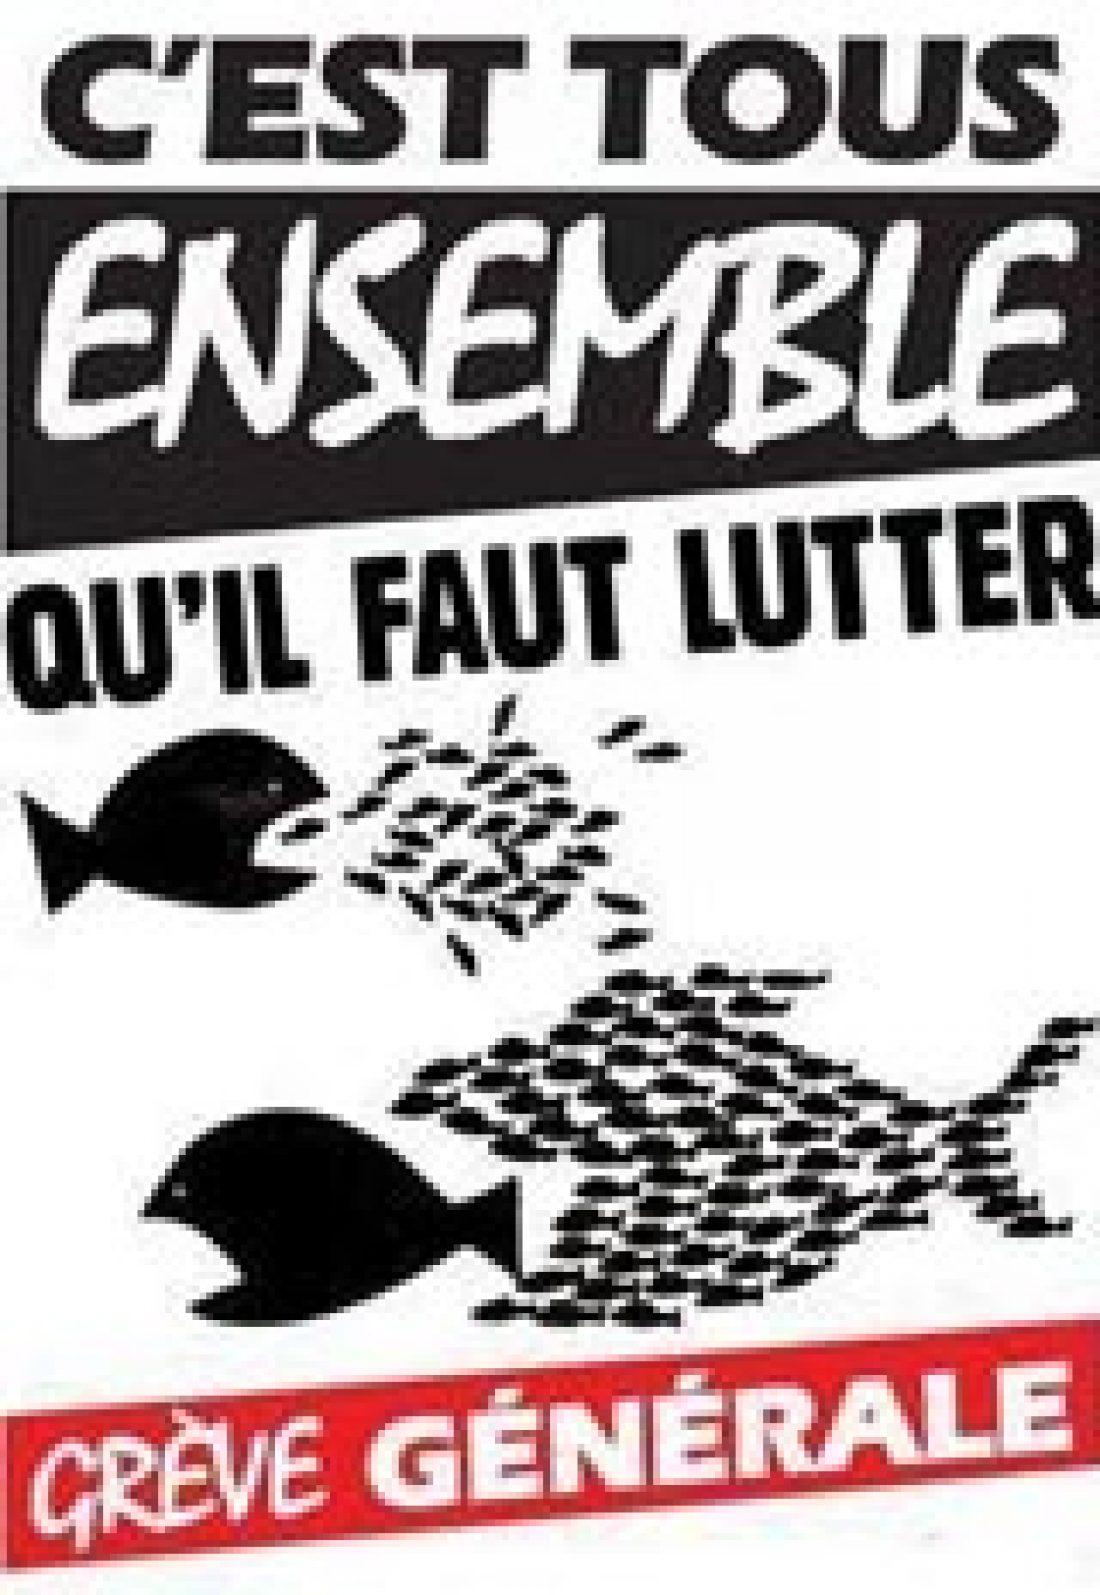 Madrid, 23 de septiembre: Concentración ante la embajada francesa, en apoyo a la huelga general en Francia el 23-S